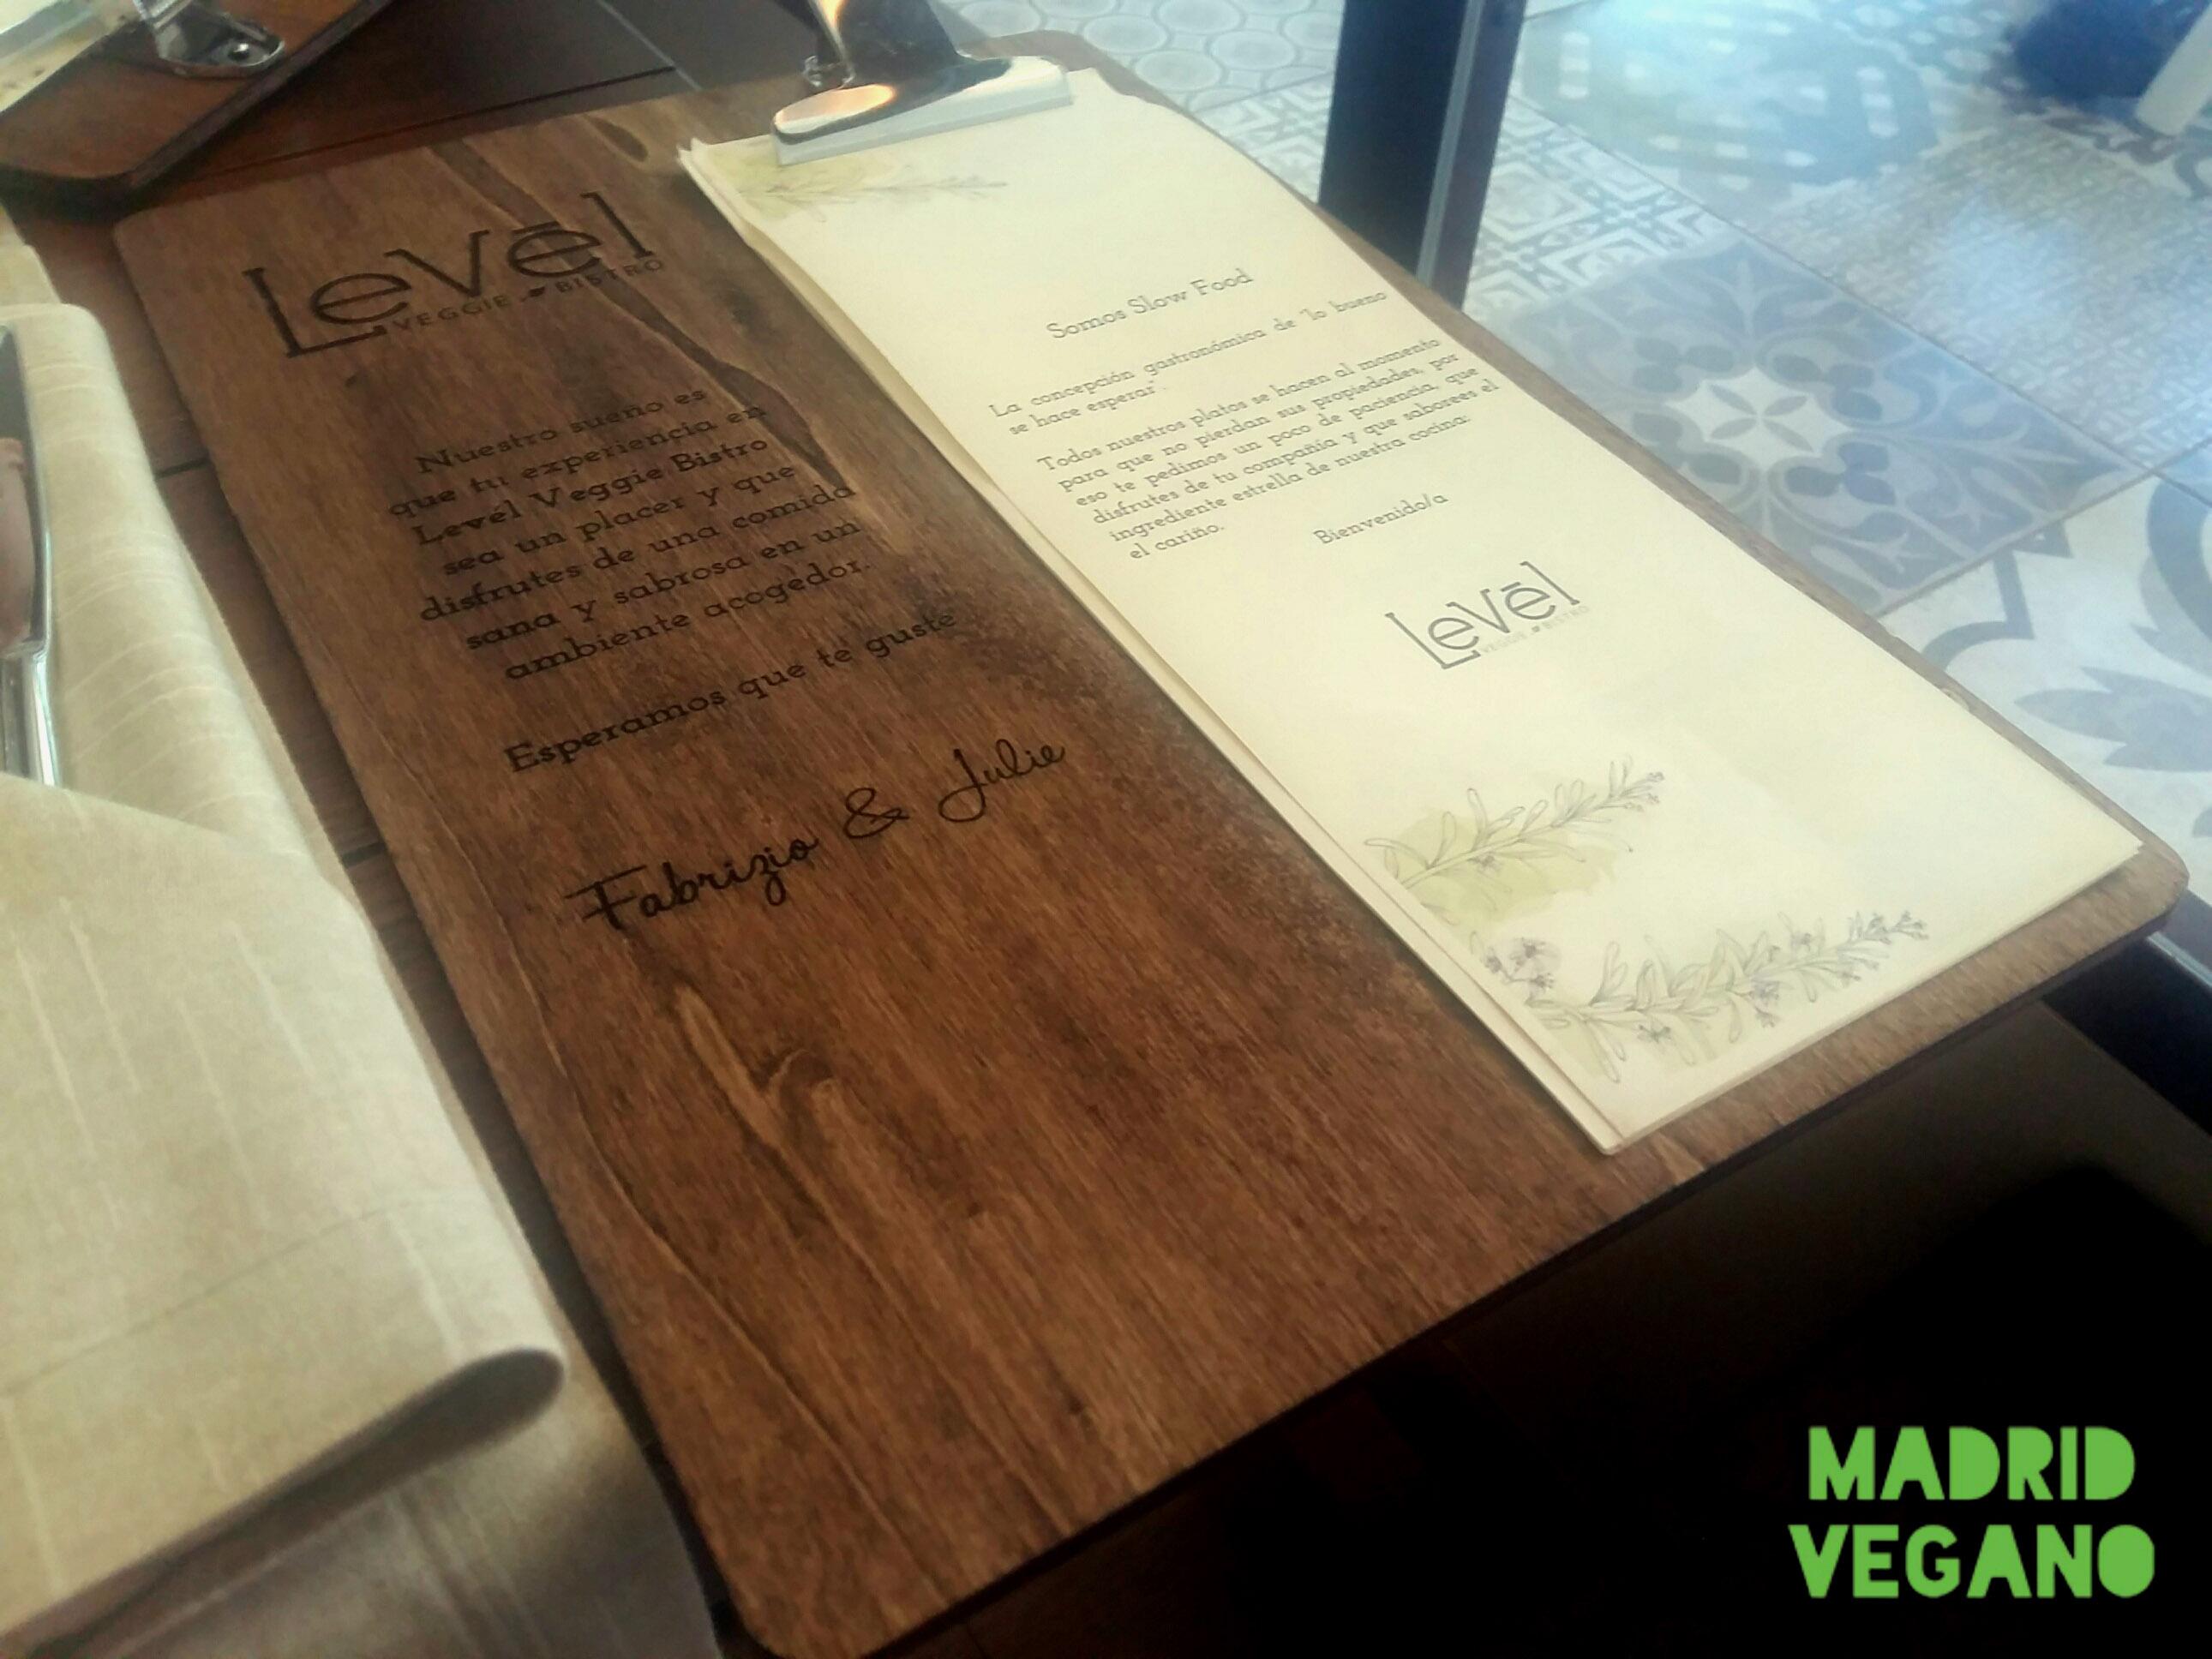 Levél Veggie Bistro, una sorpresa vegana frente a El Retiro